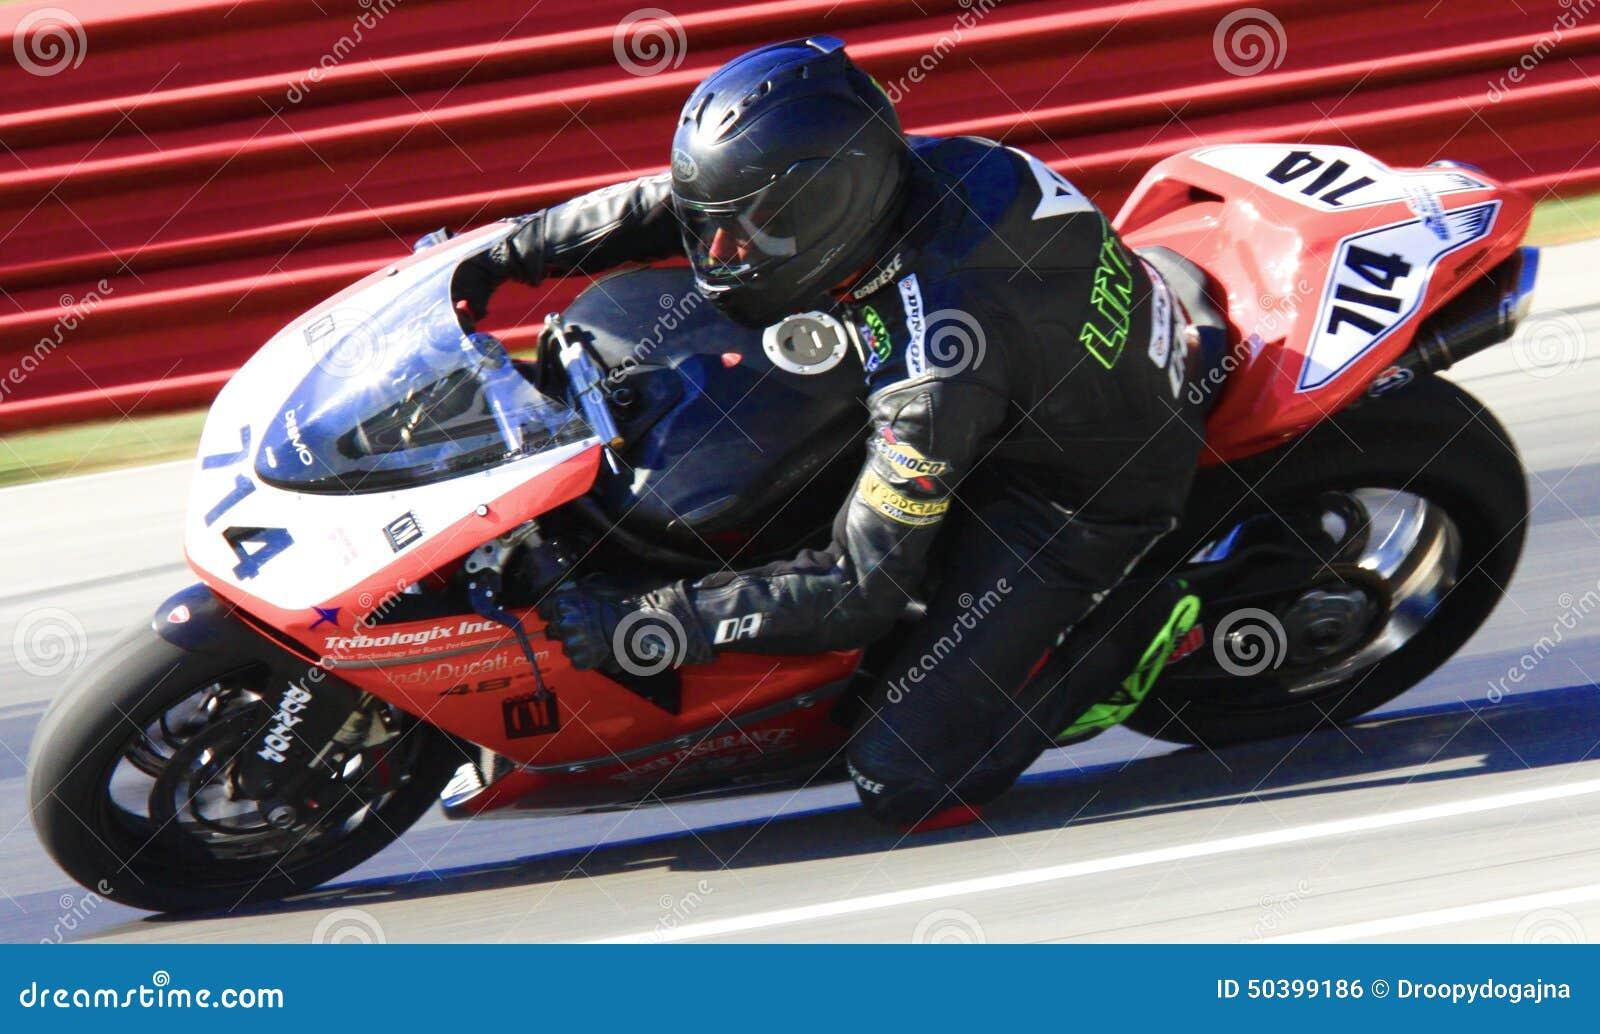 Ducati race motorcycle